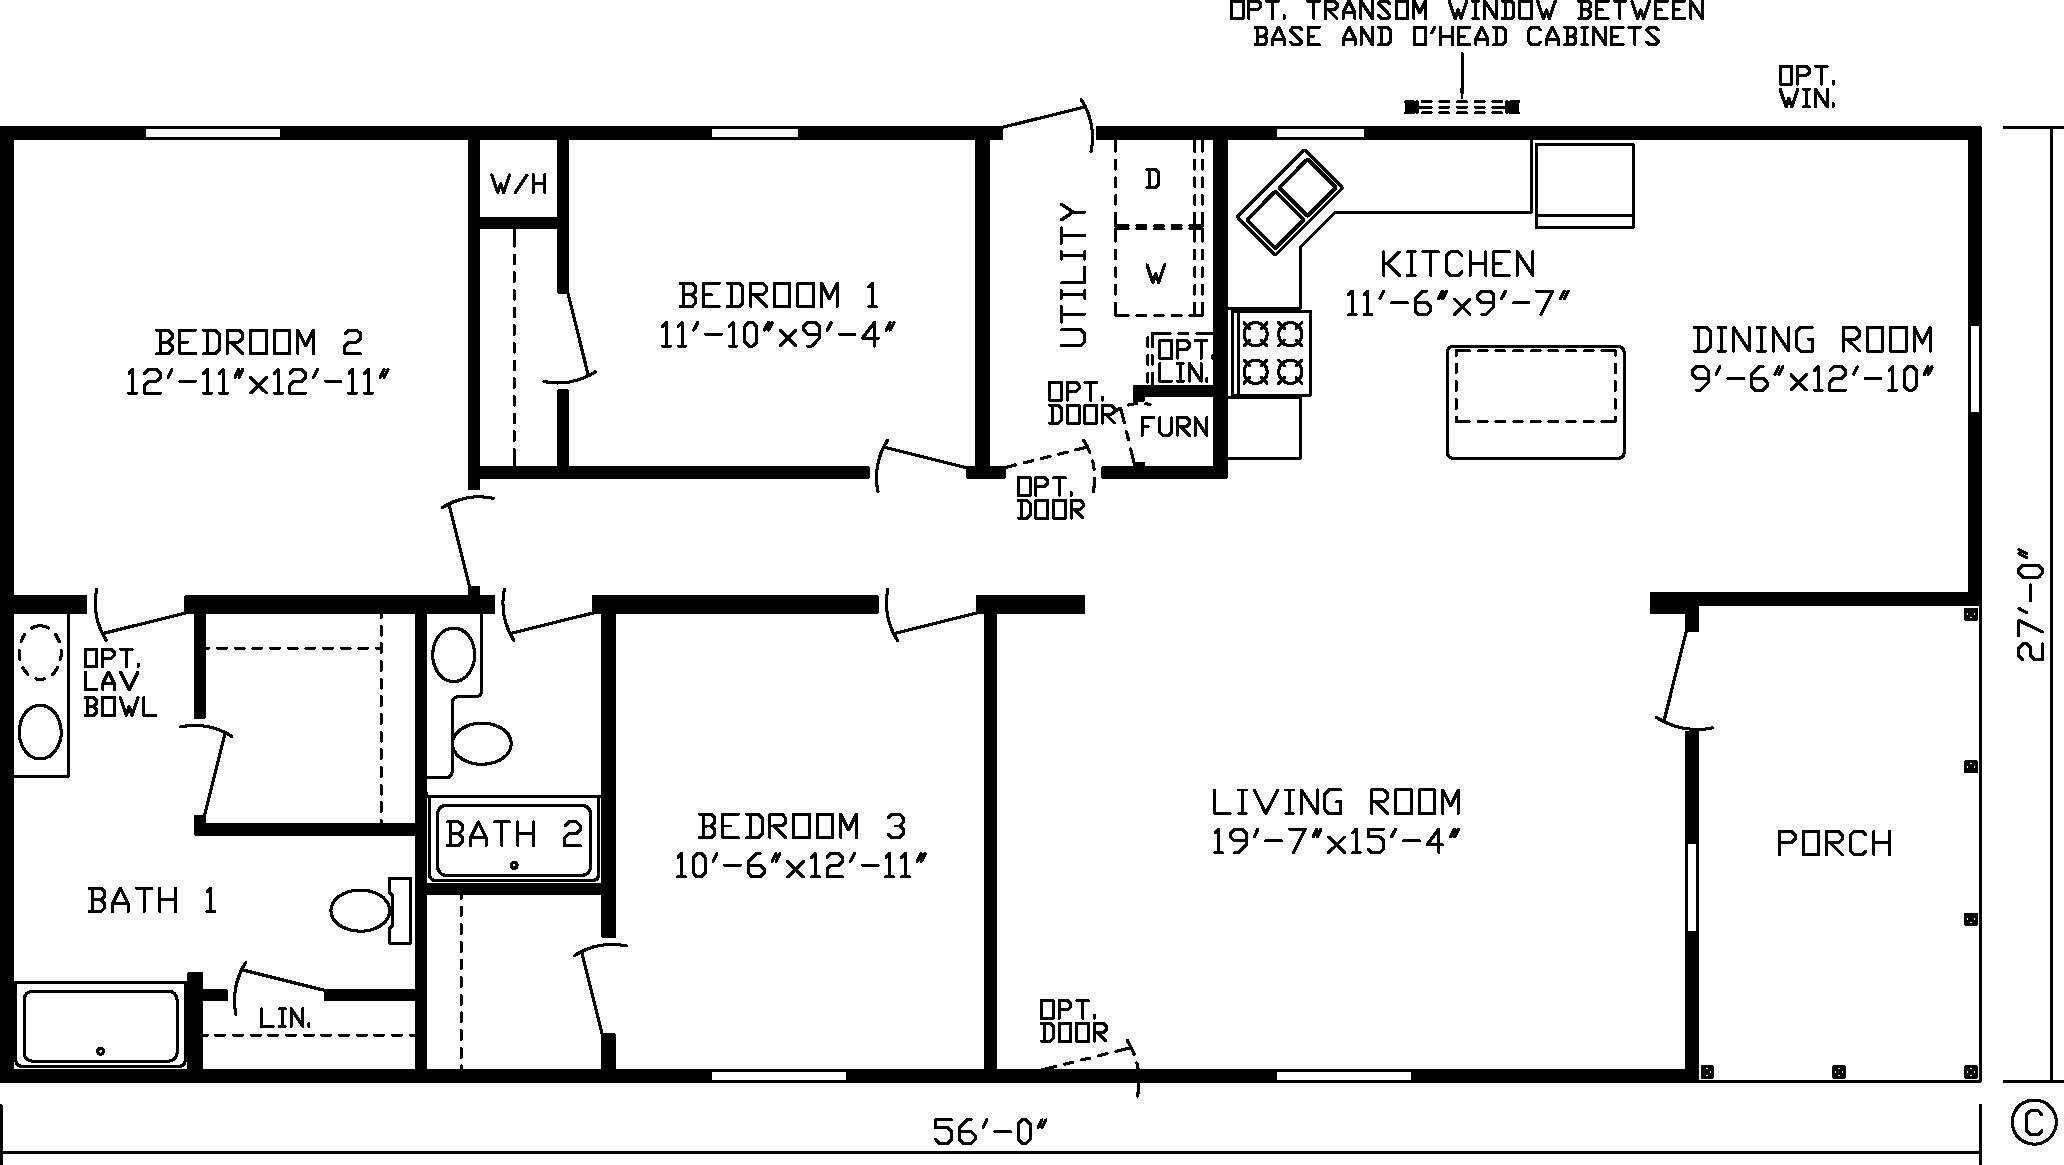 20 Lovely Summer Kitchens Mobile Home Floor Plans Barn Homes Floor Plans House Plans